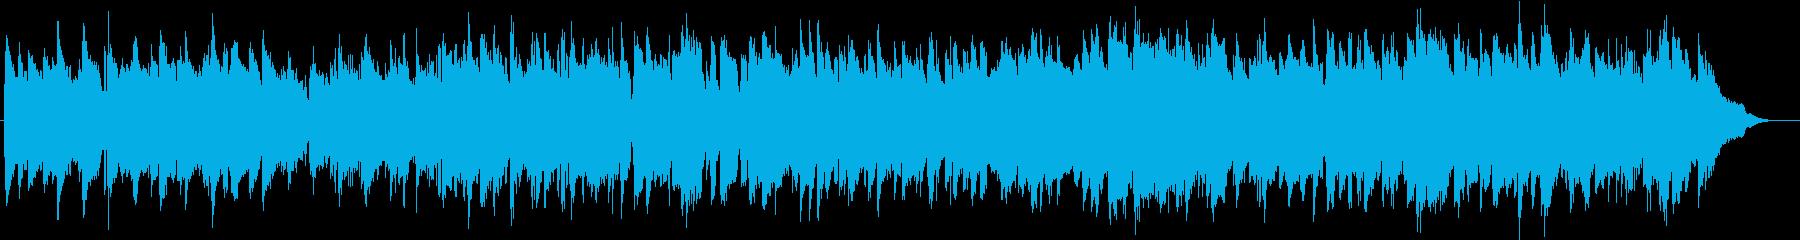 色気のあるサックスのジャズバラード。の再生済みの波形